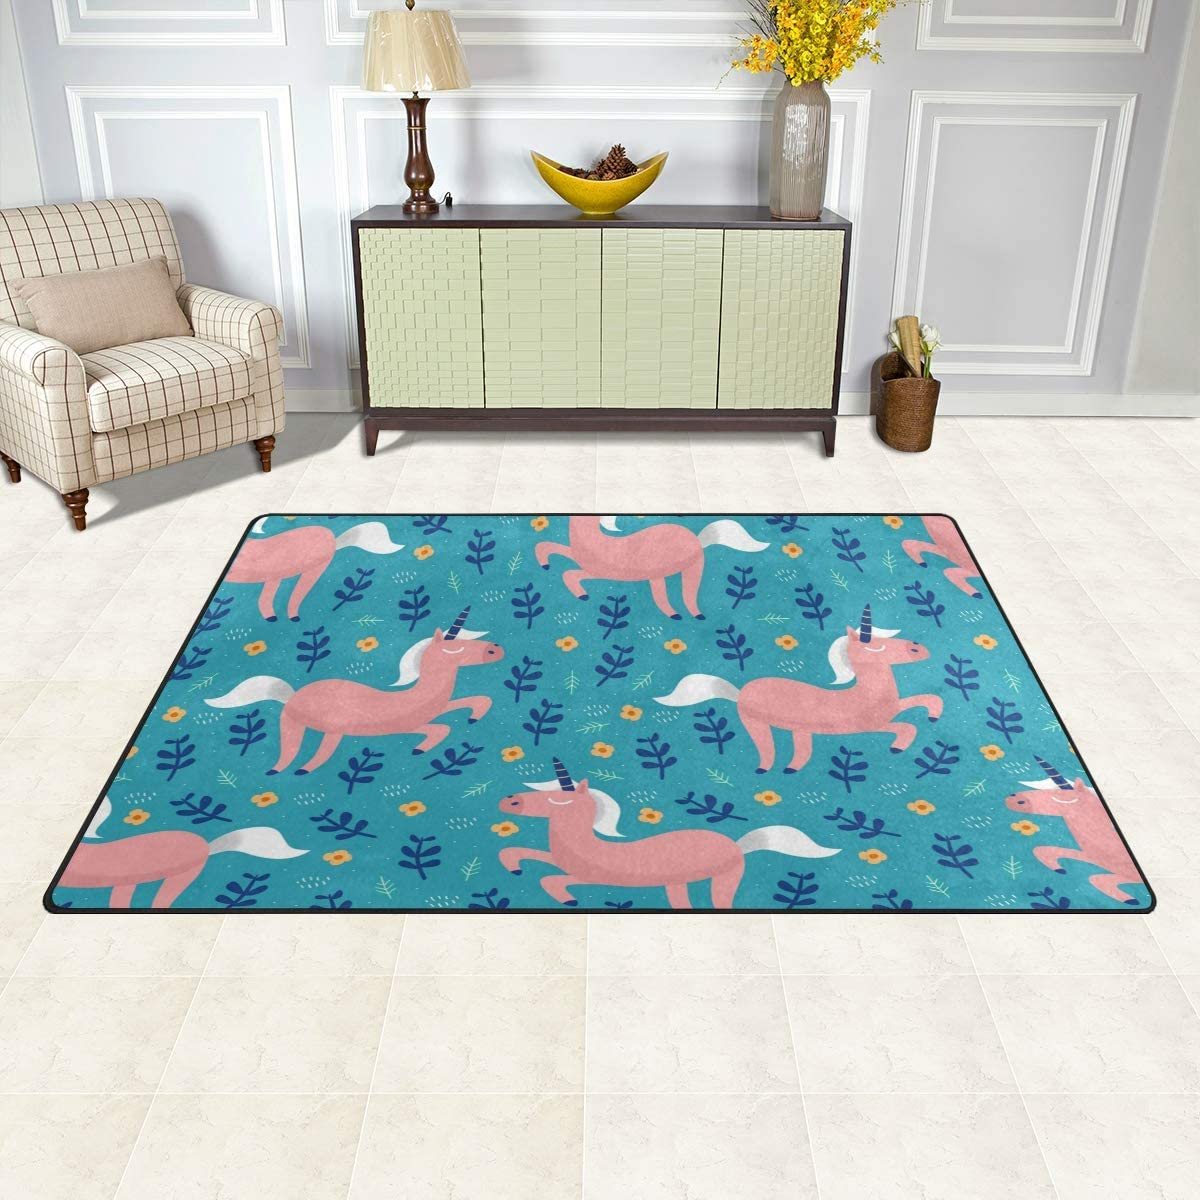 Amazon.com: Unicorn Rug for Girls Bedroom, Unicorn Bedroom ...